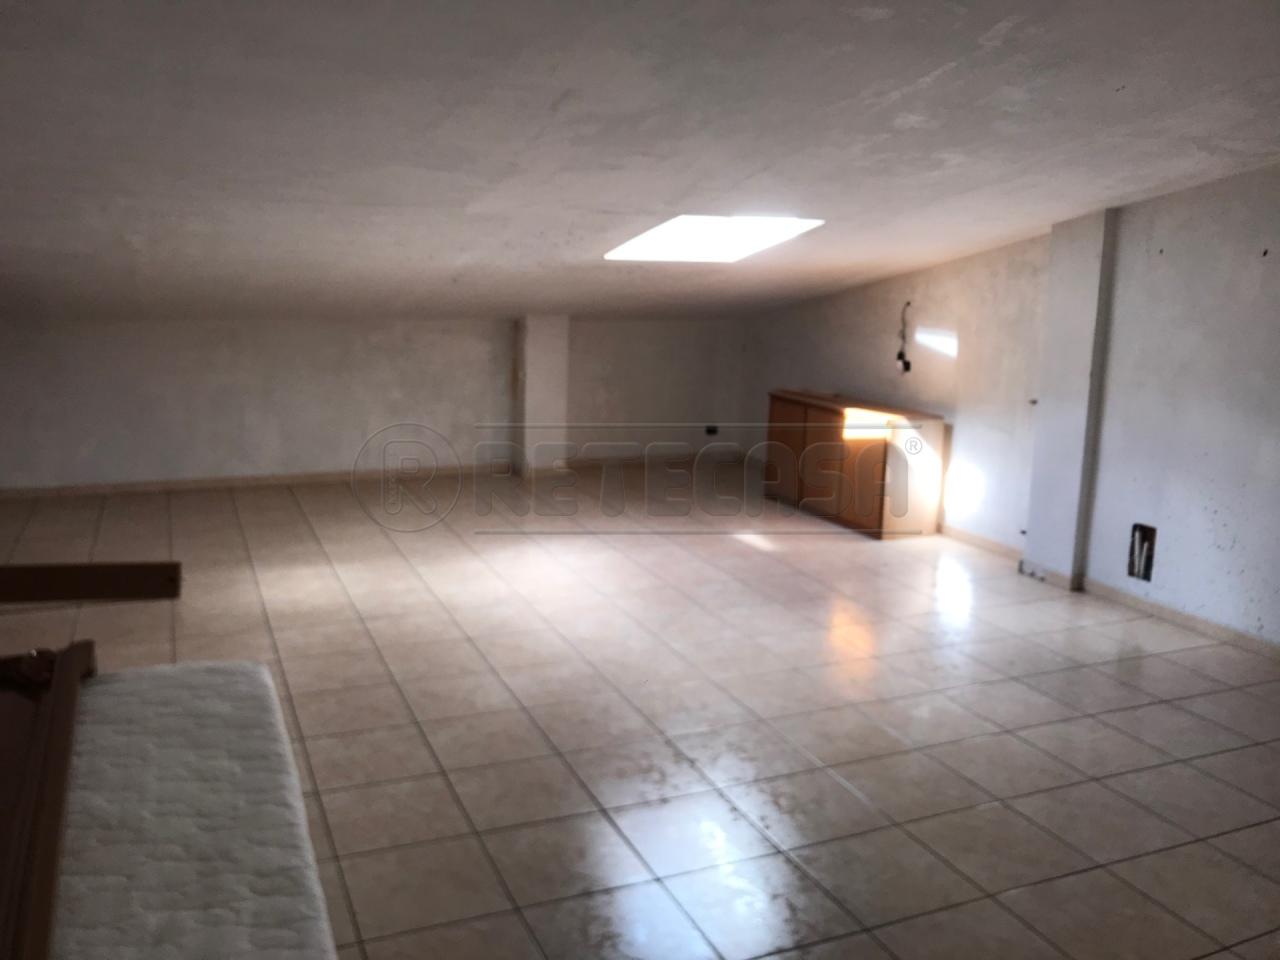 Mansarda in affitto a Catanzaro (CZ)